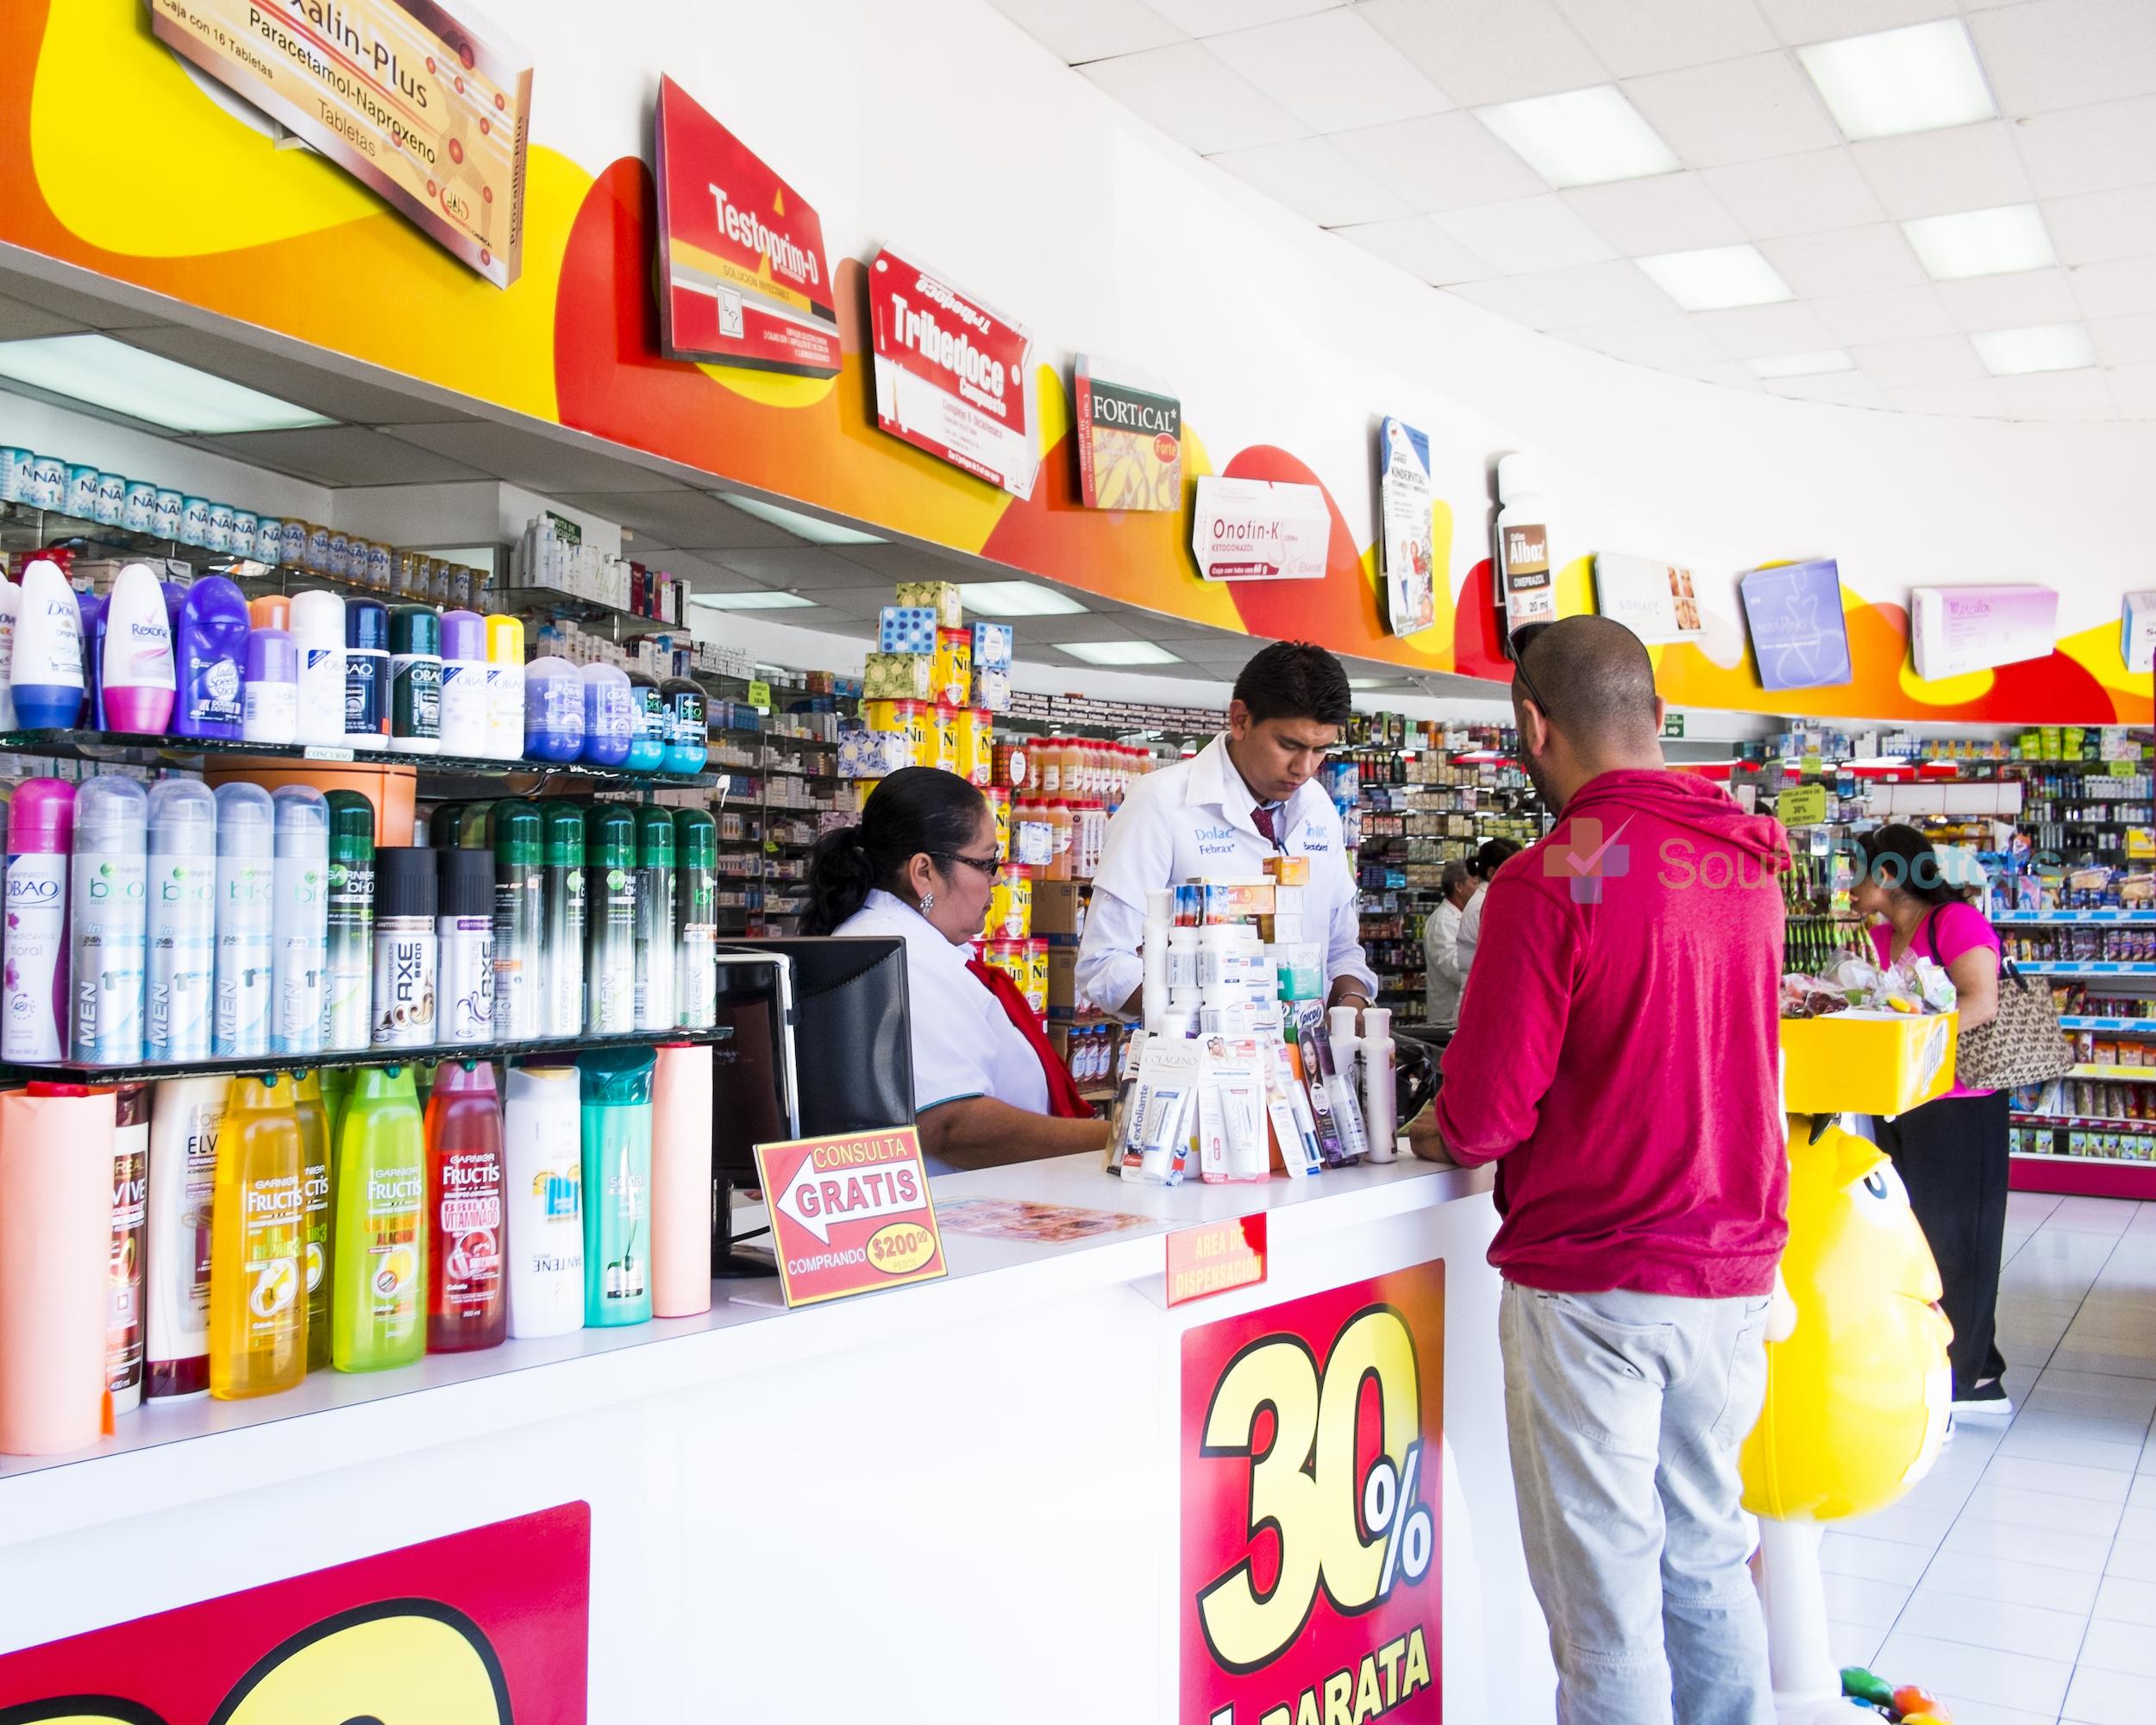 La farmacia mas barata